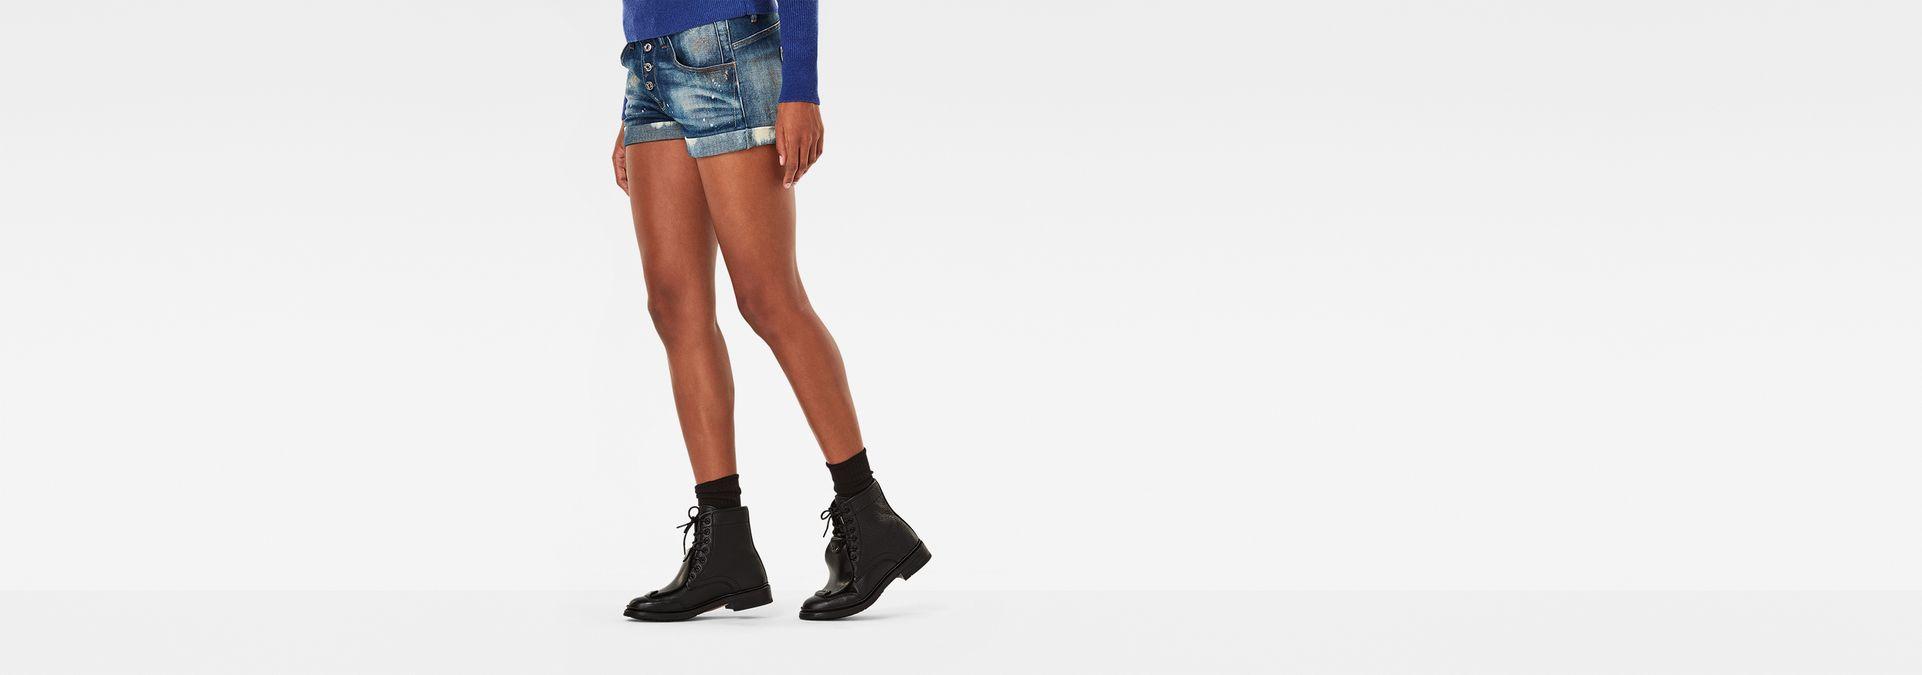 Guard Boots | Black | Femmes | G Star RAW®